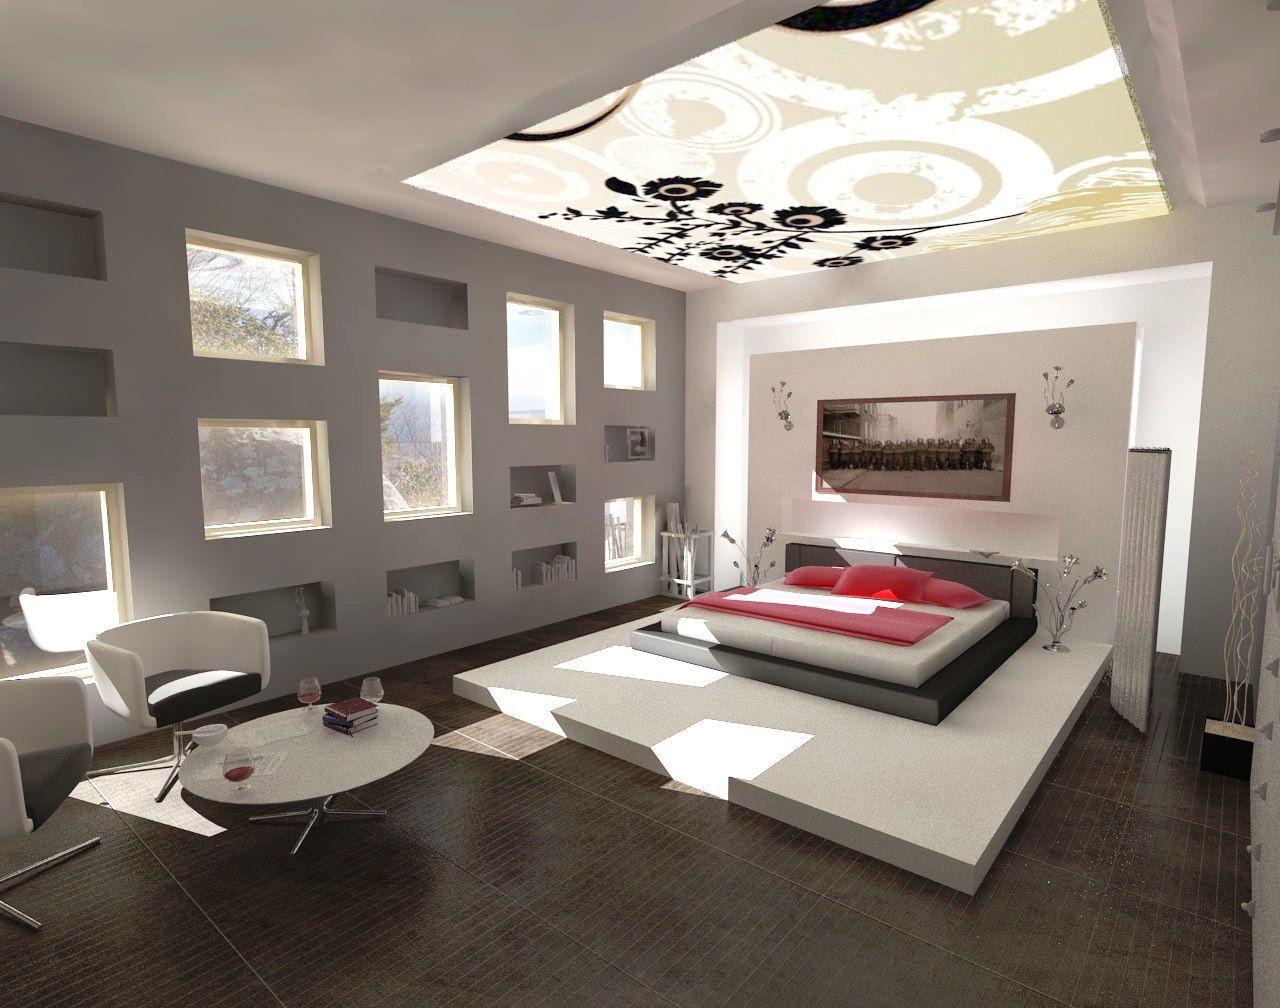 Cute Teenage Girl S Room Modern Bedroom Interior Modern Interior Design Minimalist Interior Design Modern bedroom maskulin design